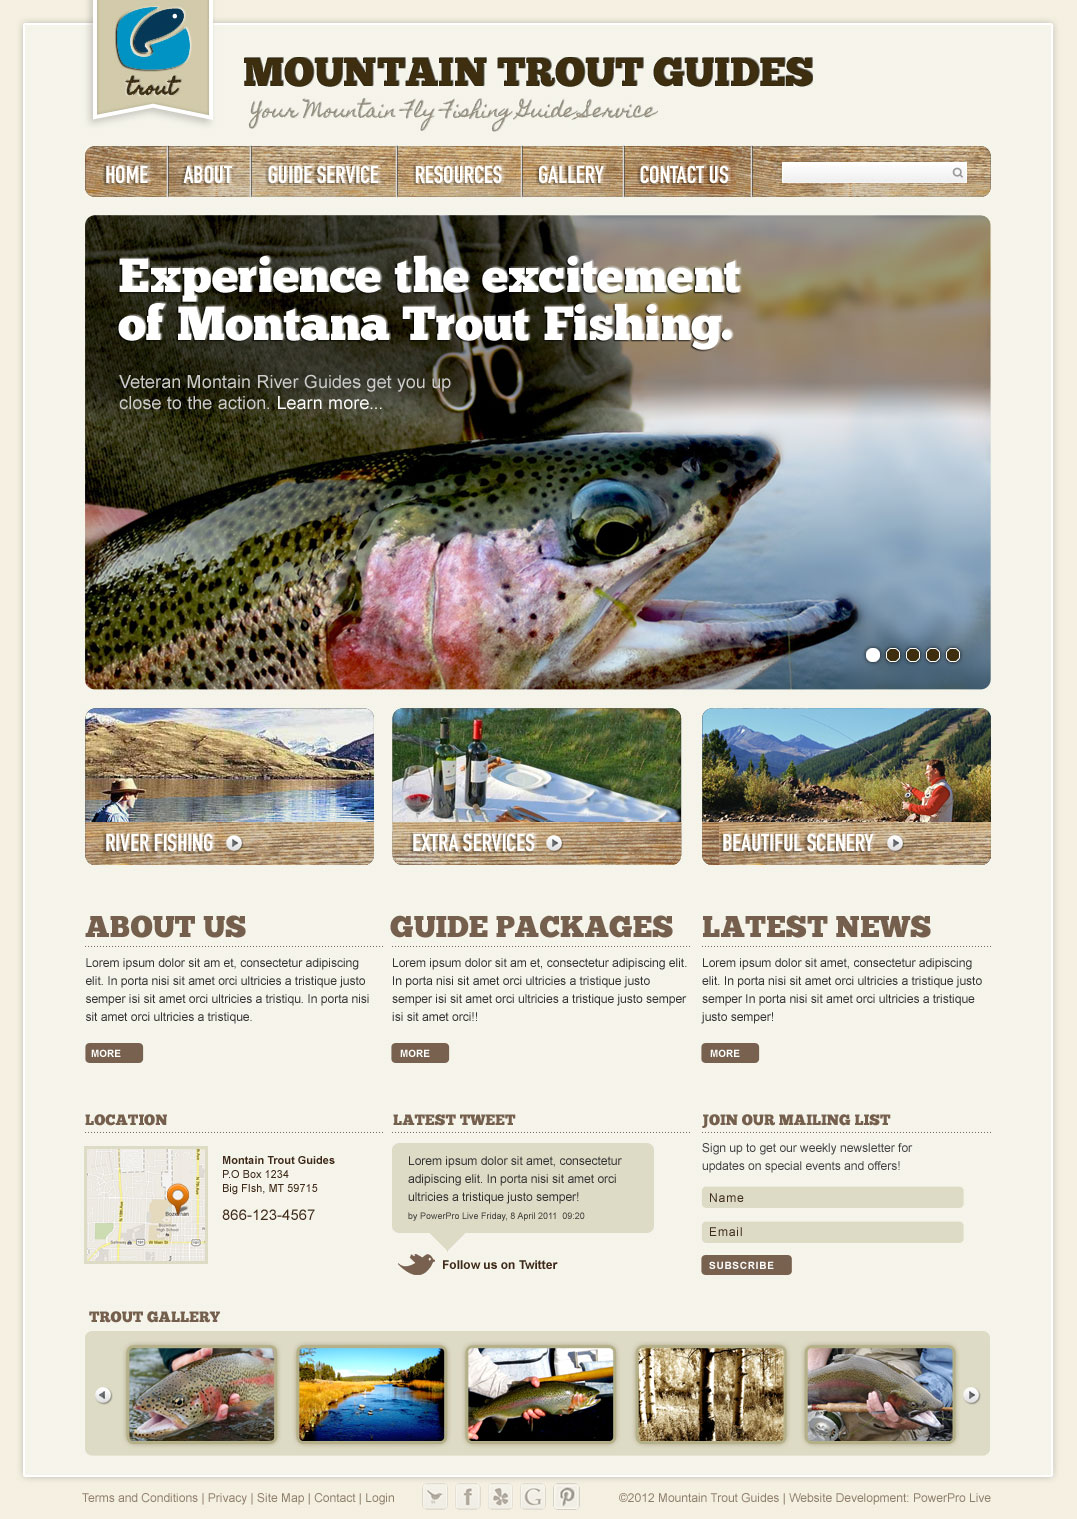 theme-trout